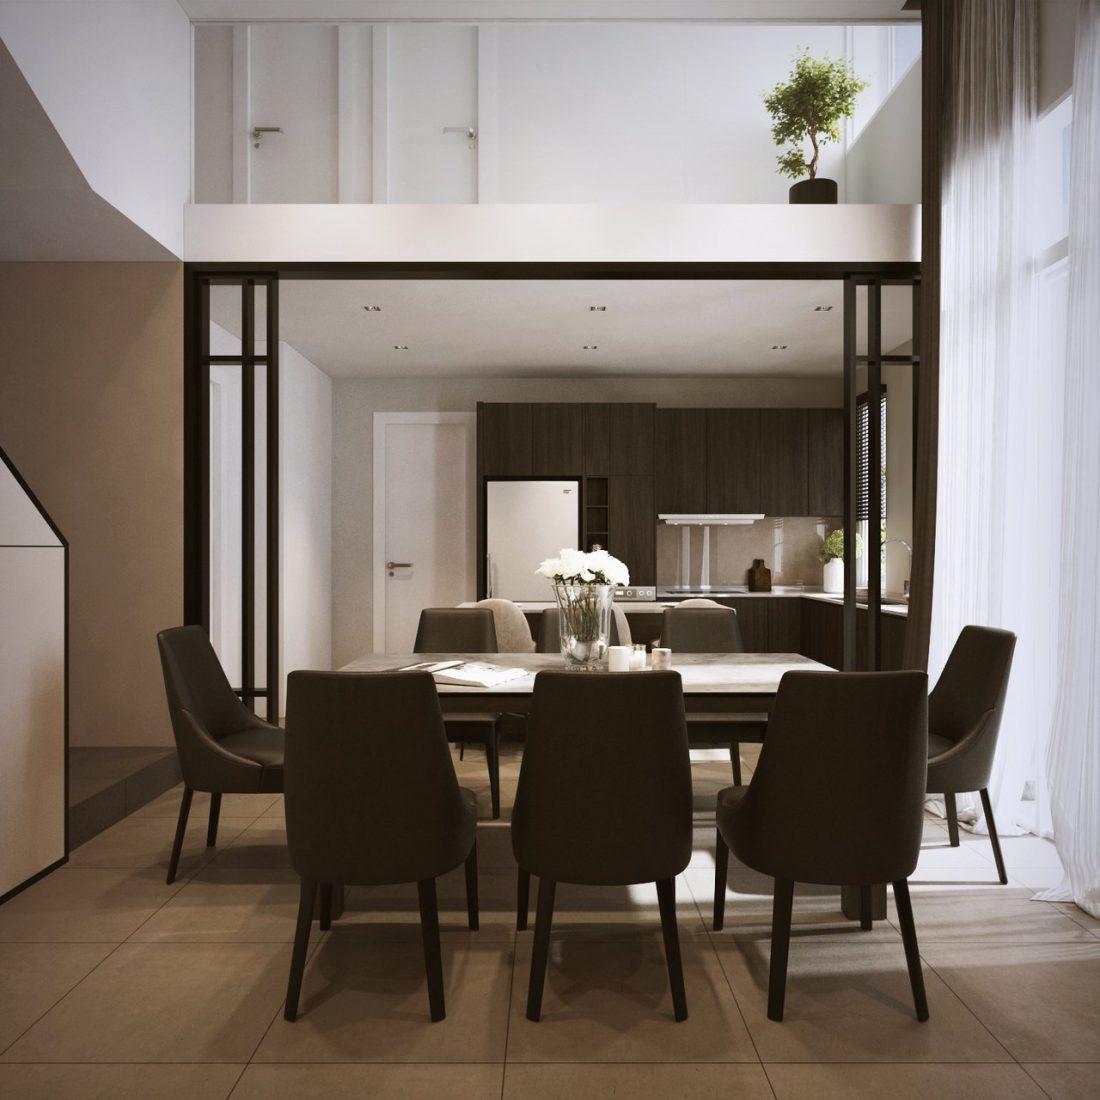 Interior Design SA65 Simpang Ampat Penang Malaysia Dining Room Design v1